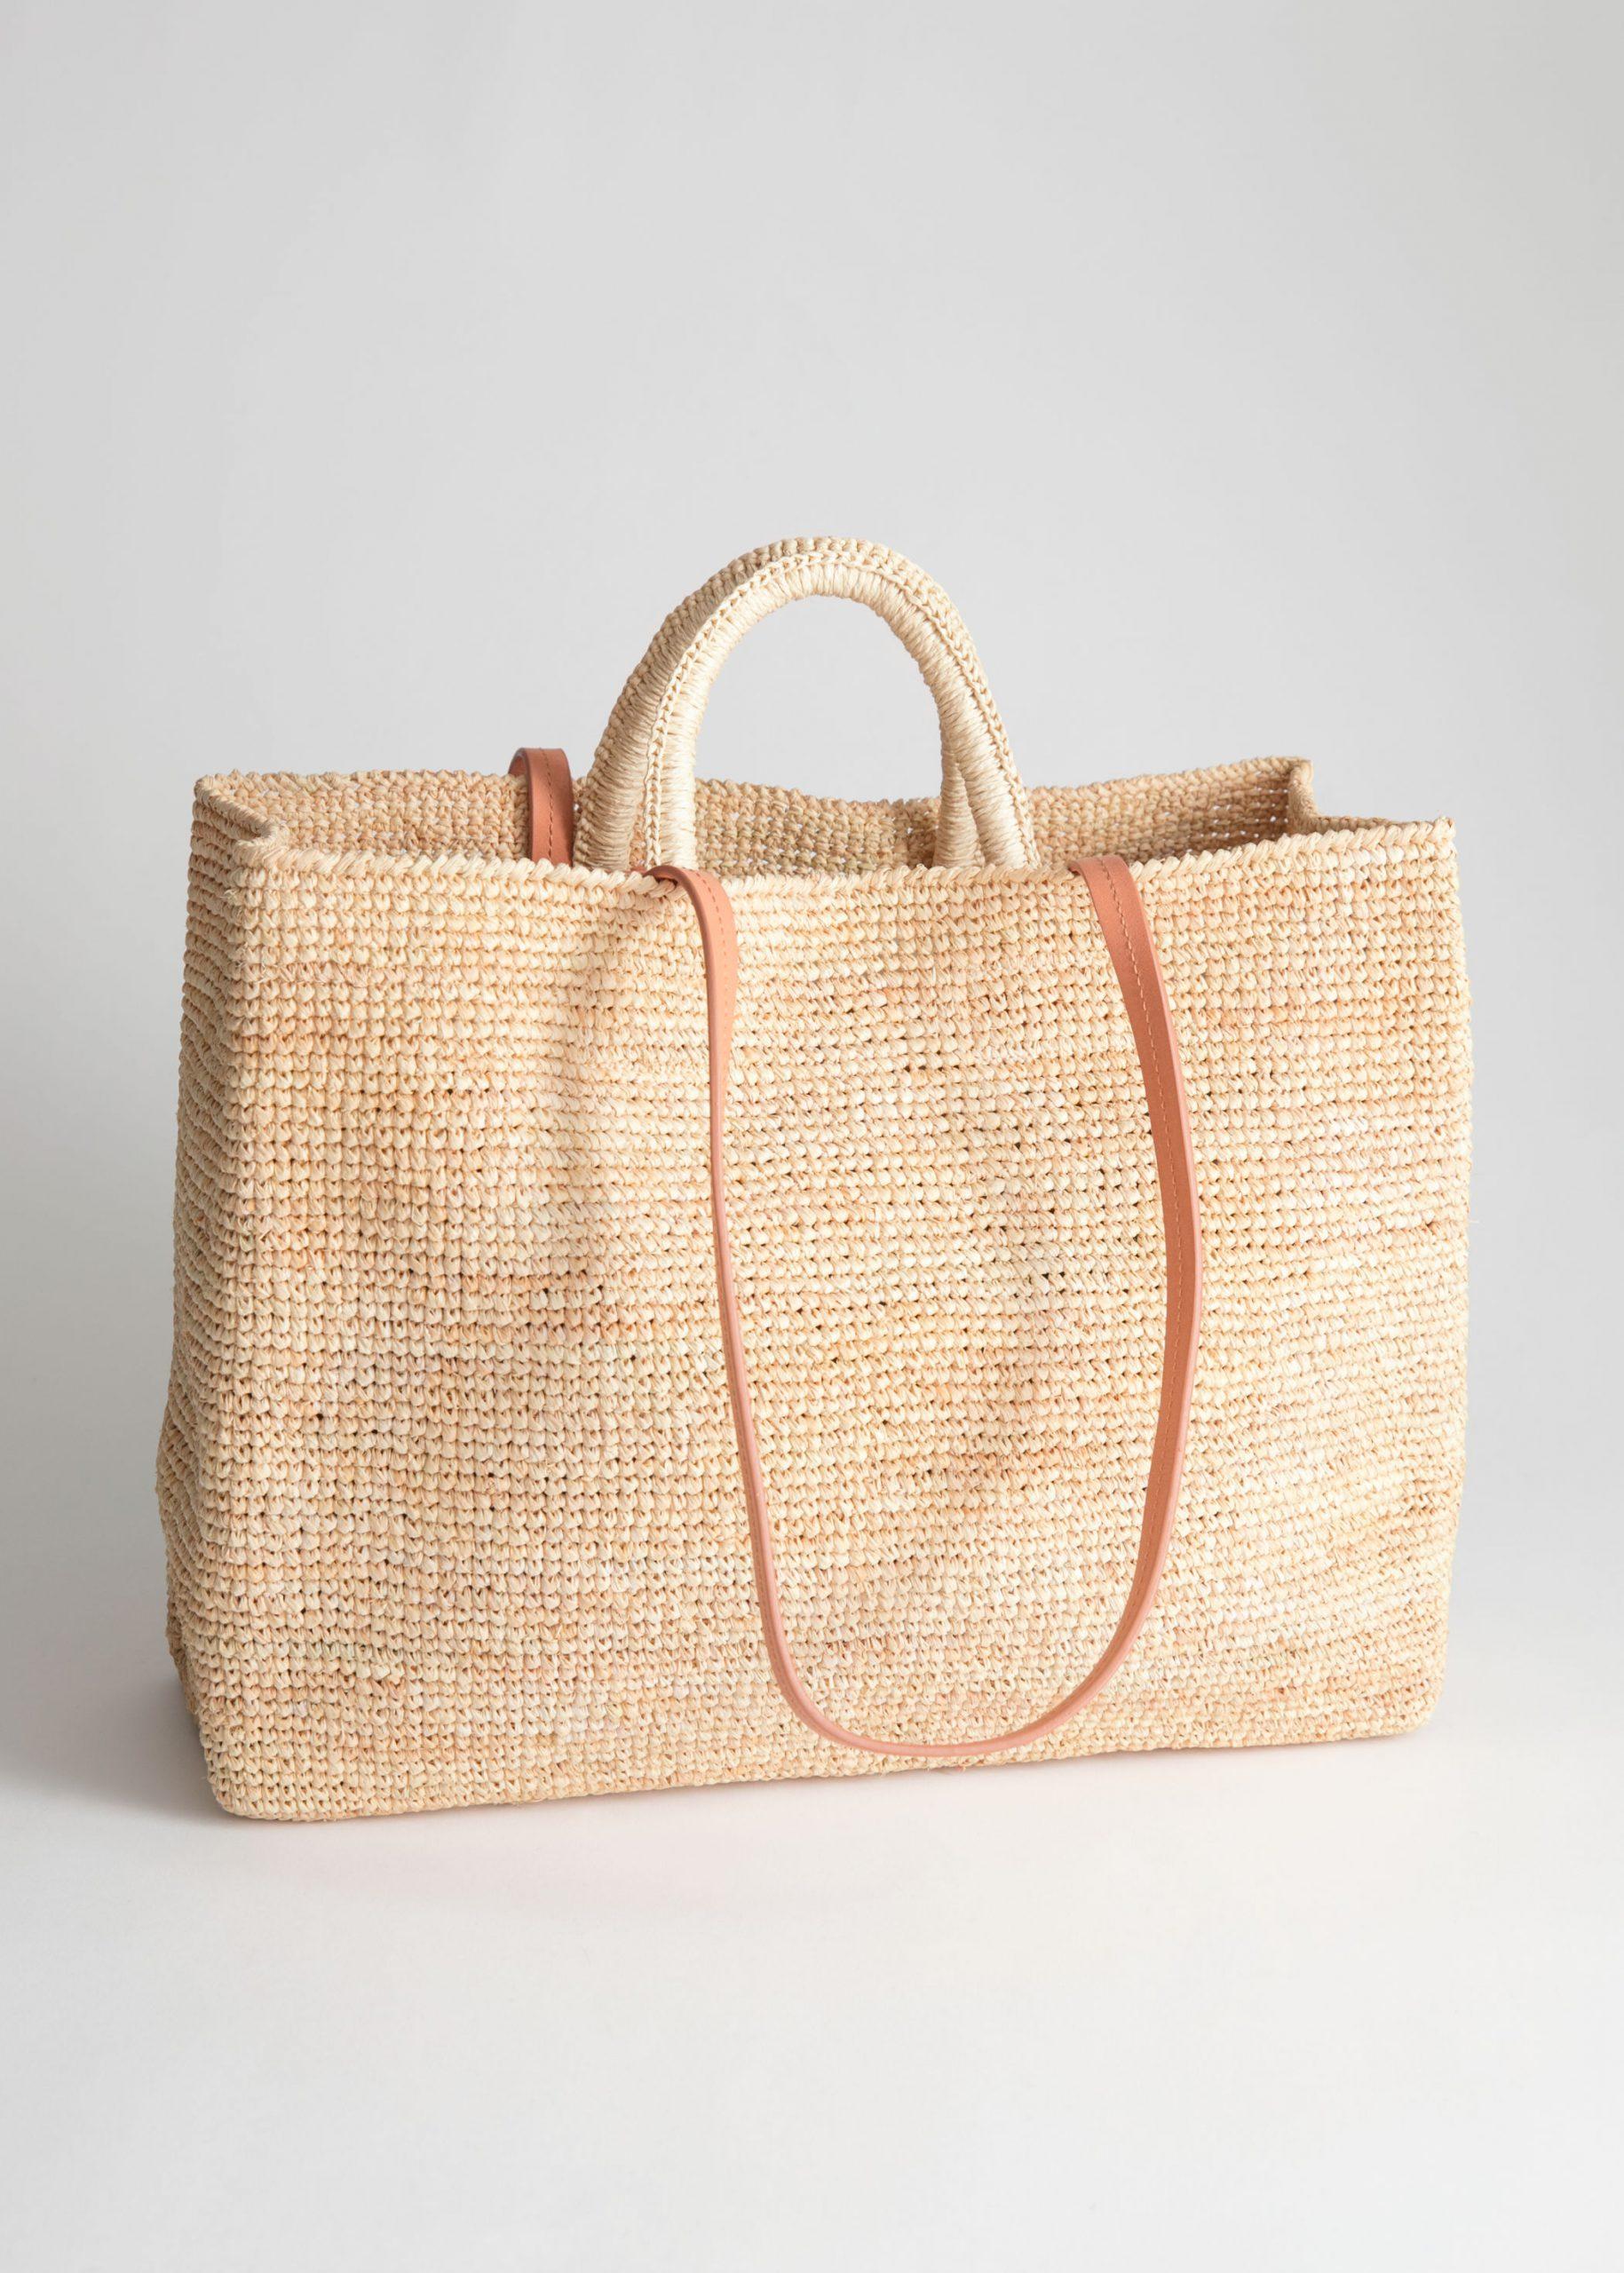 Rymlig fyrkantig stråväska med ljusbruna läderhandtag